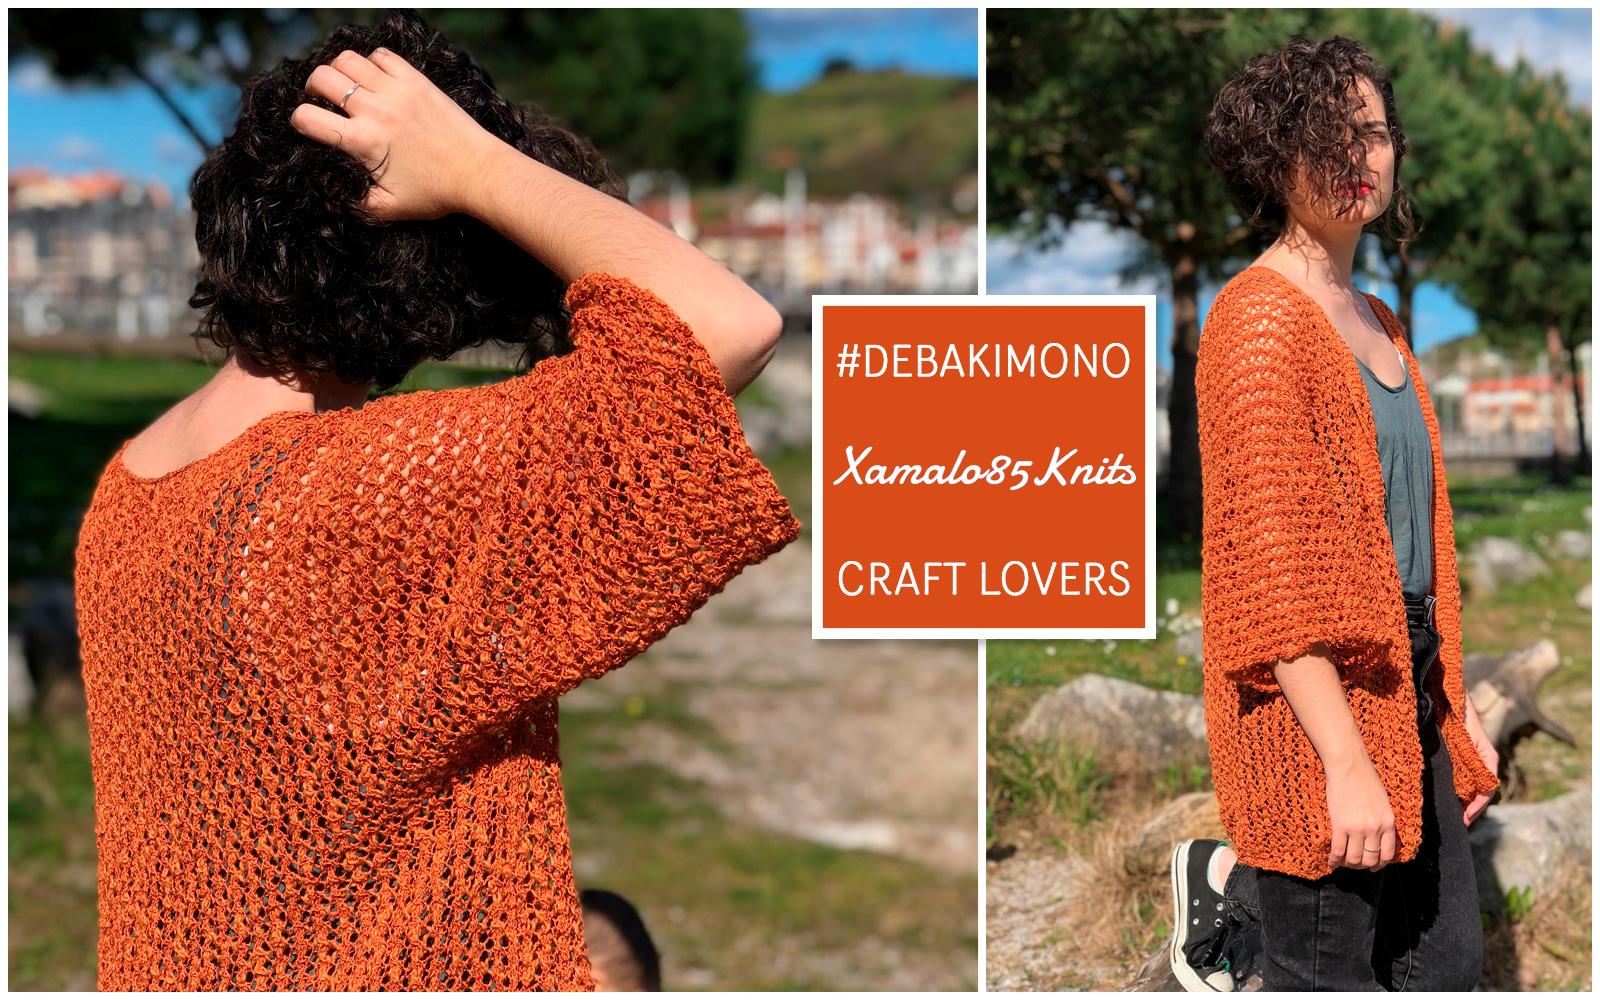 Kimono breien die uit slechts een geheel bestaat - Katia Garens en ontwerper xamalo85